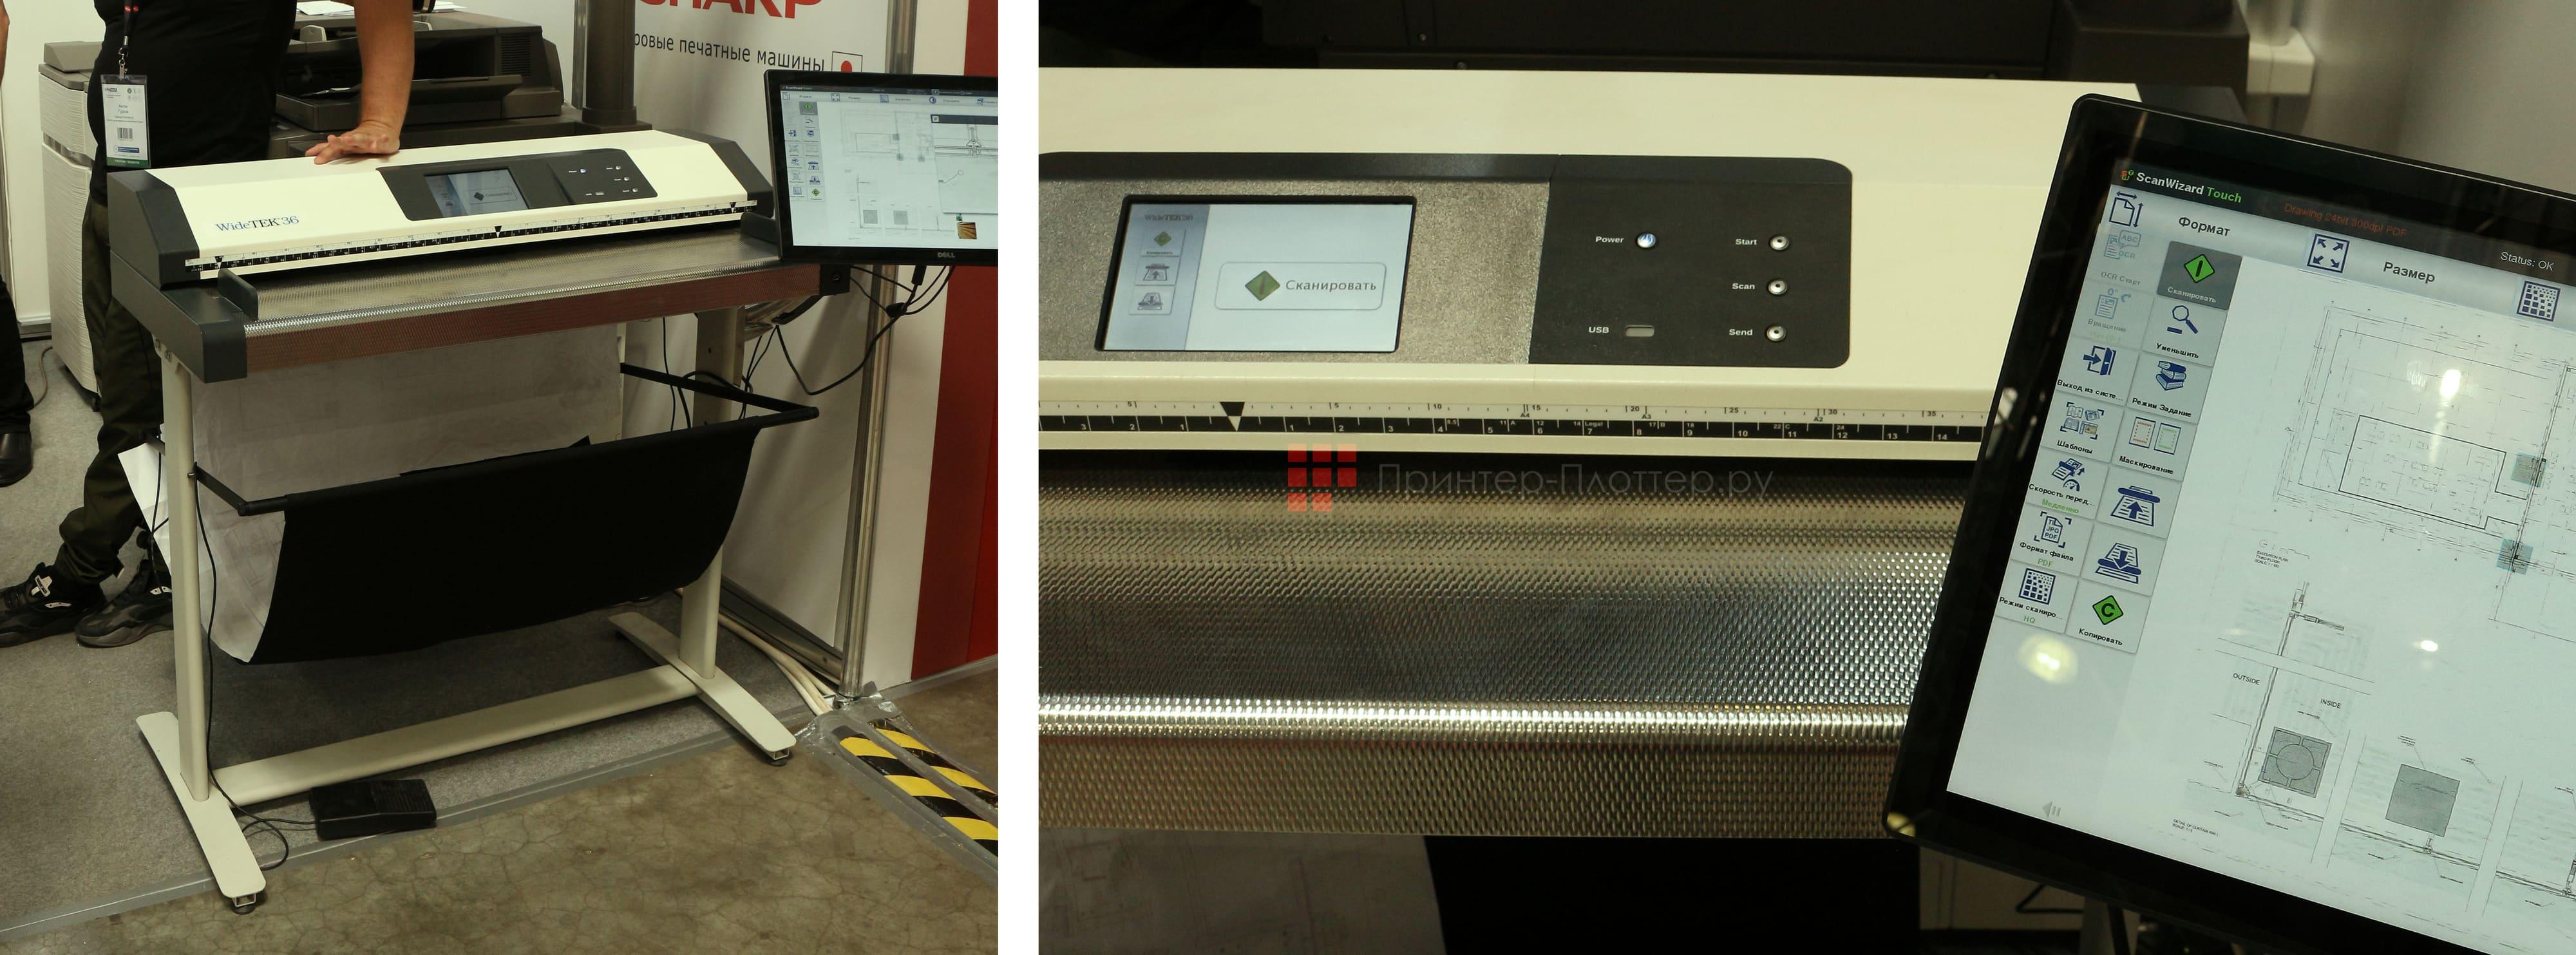 Широкоформатный инженерный сканер WideTEK 36-600 MFP